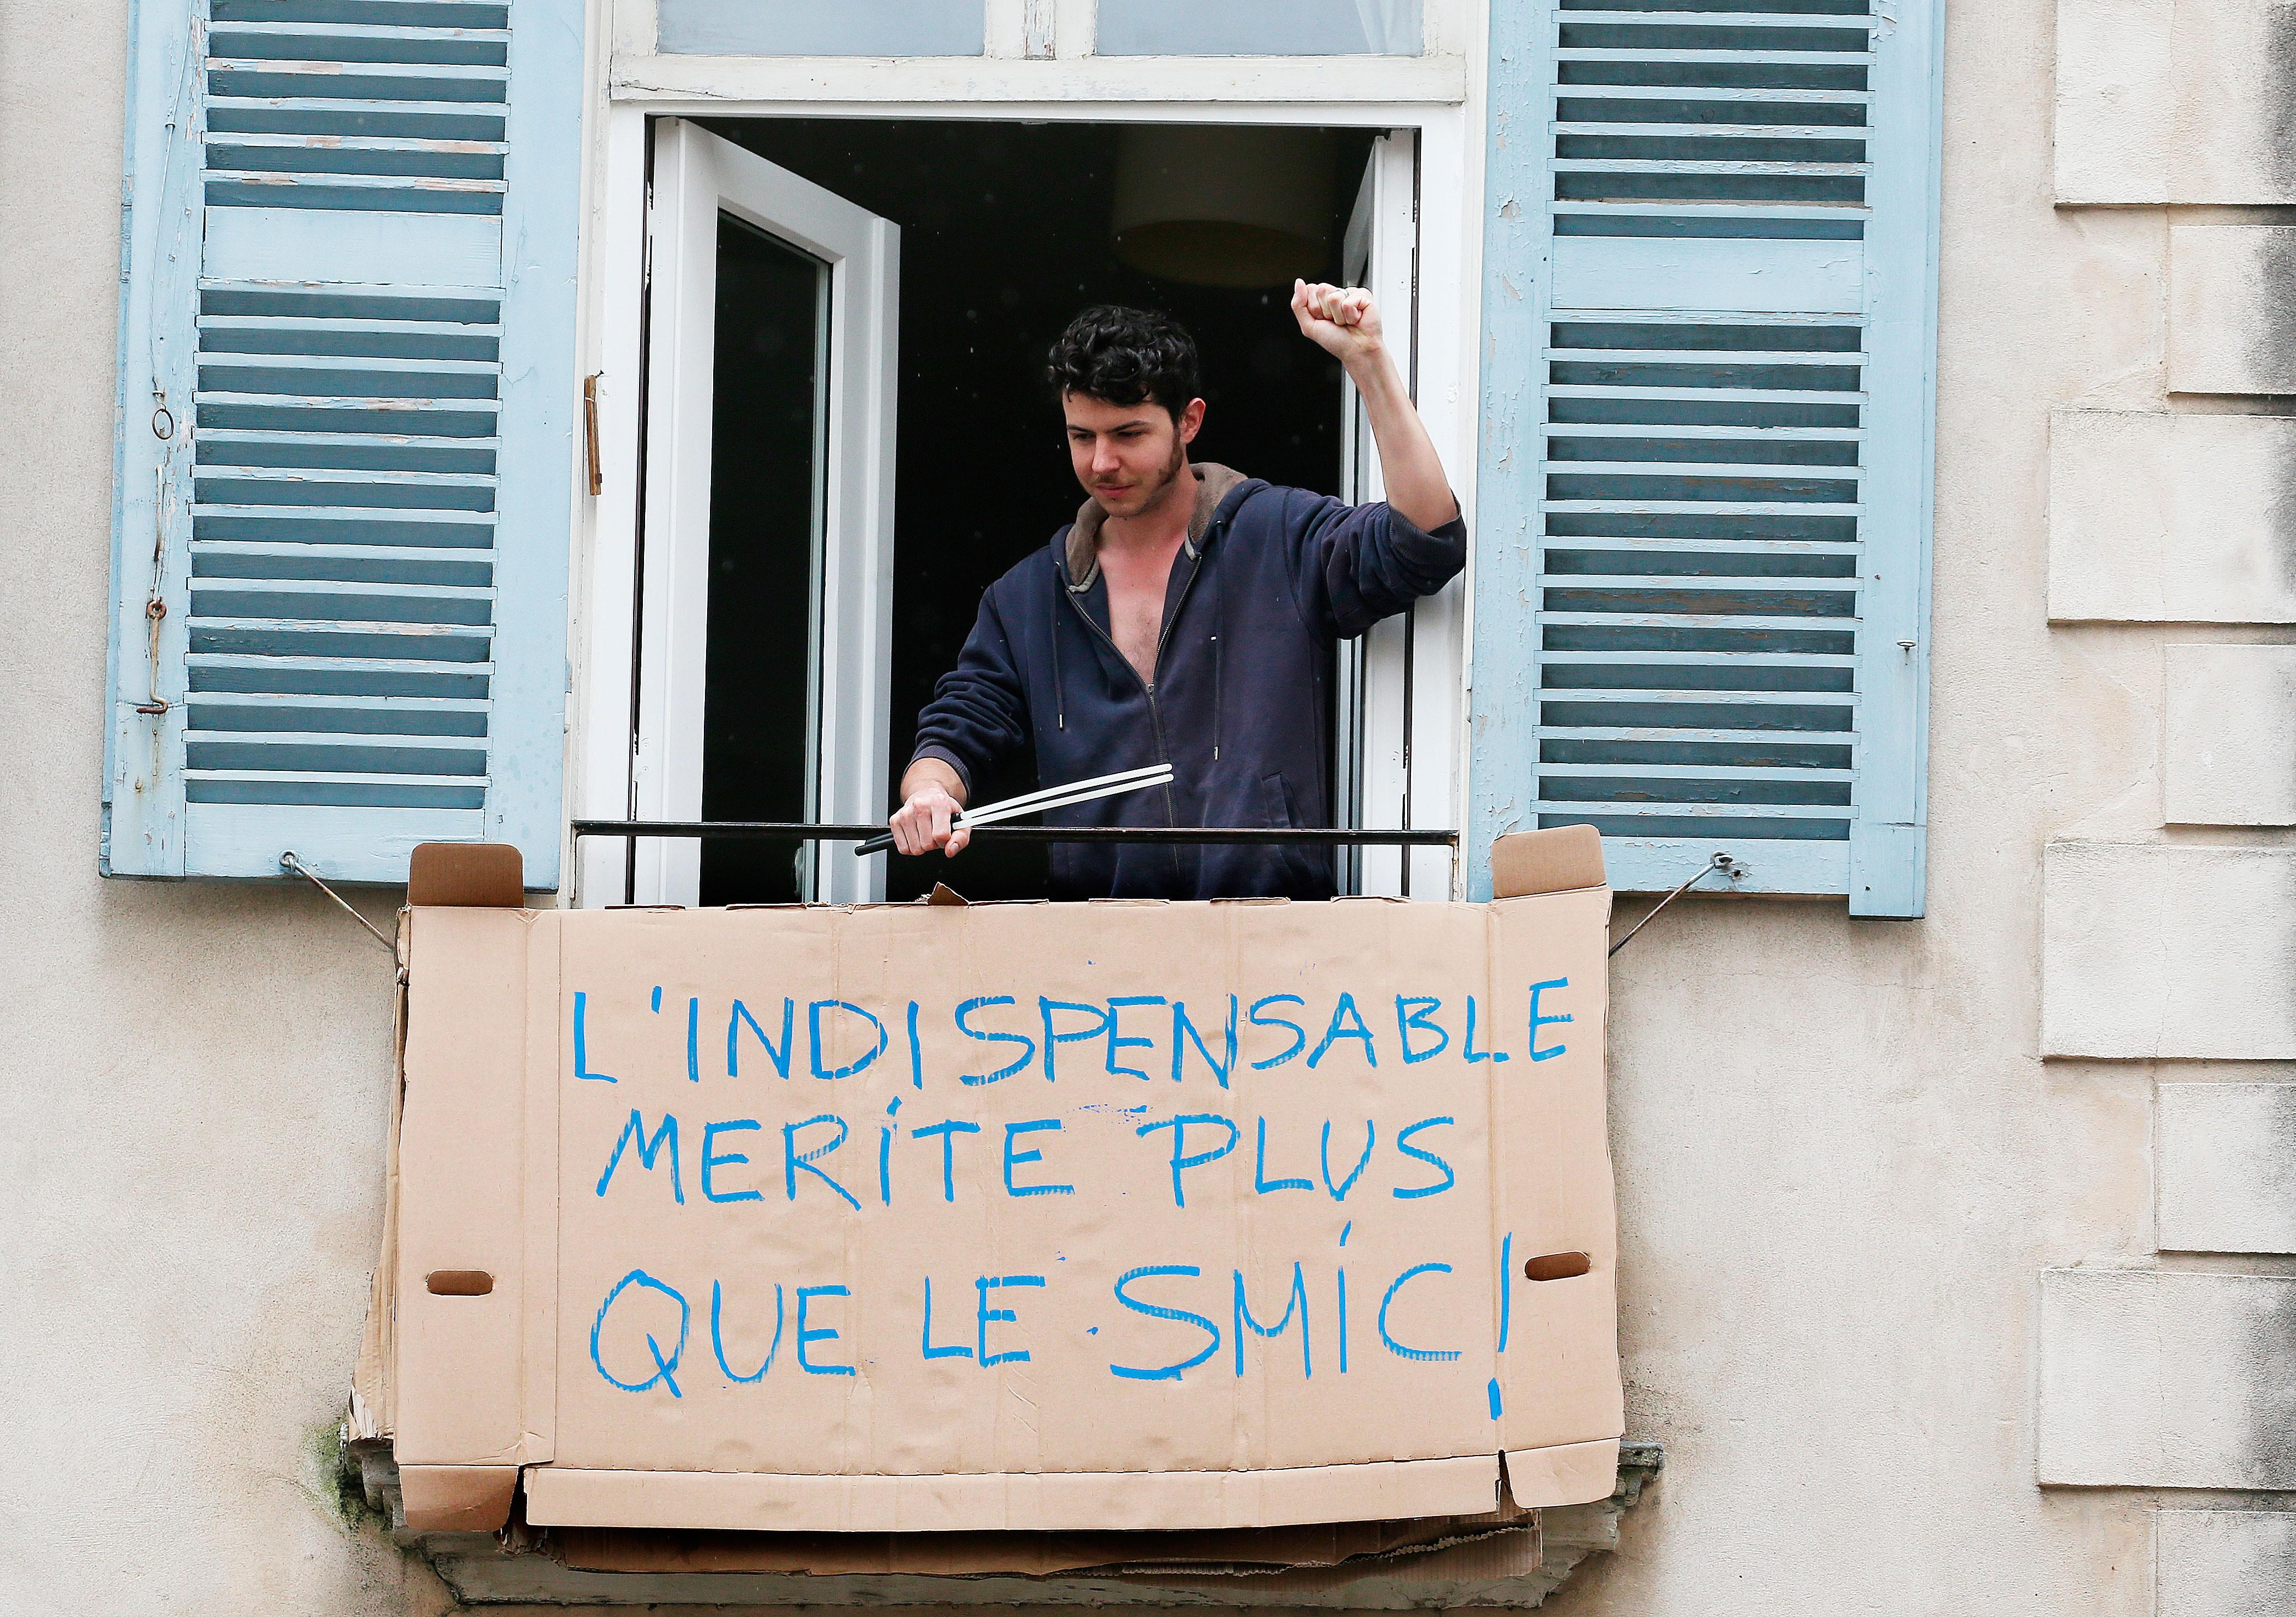 França registra 80 mortes em 24 horas, o menor número em mais de um mês